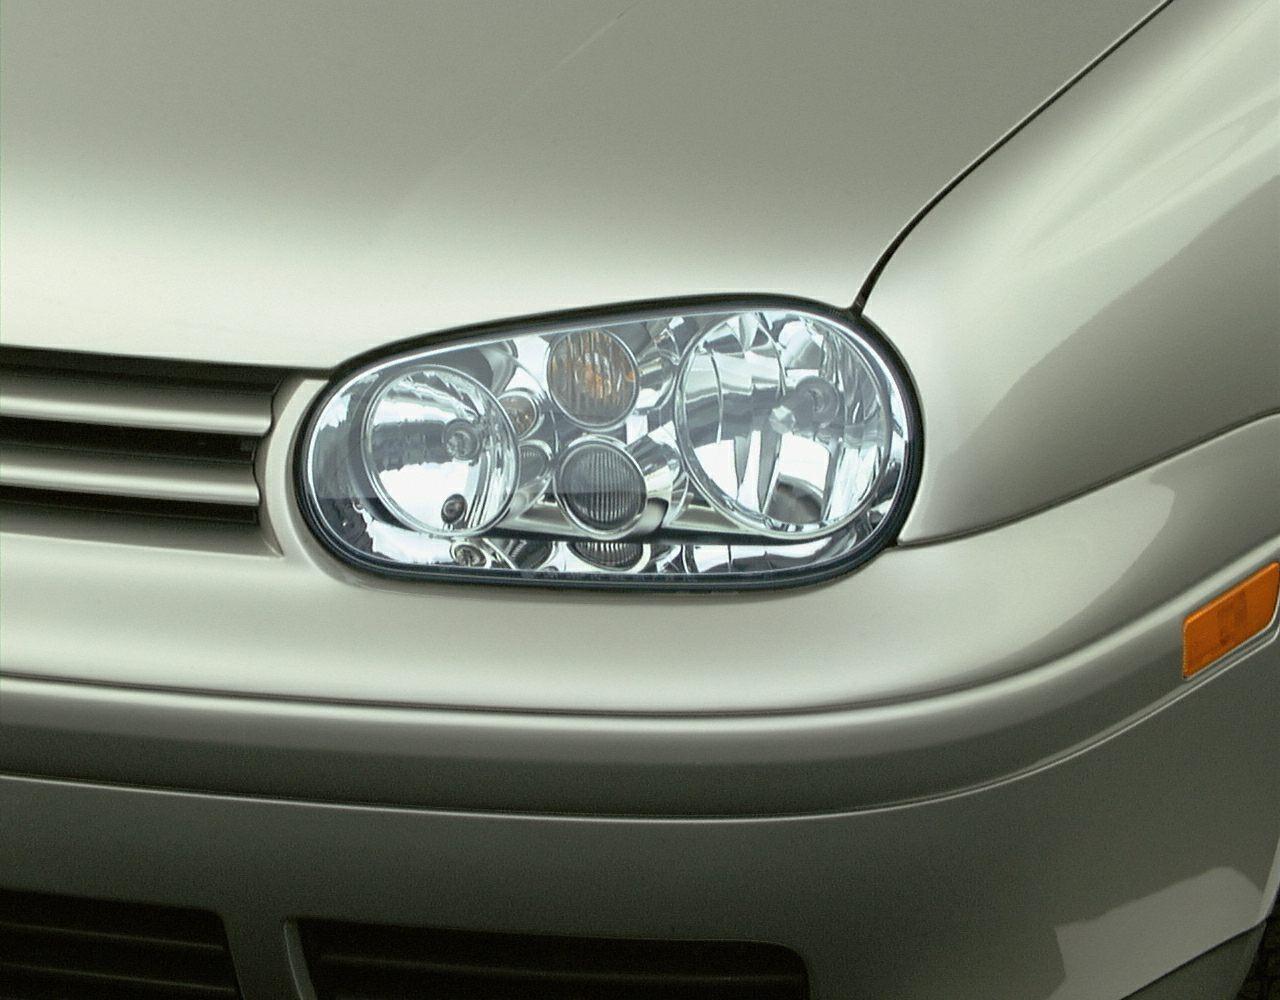 2000 Volkswagen Cabrio Exterior Photo